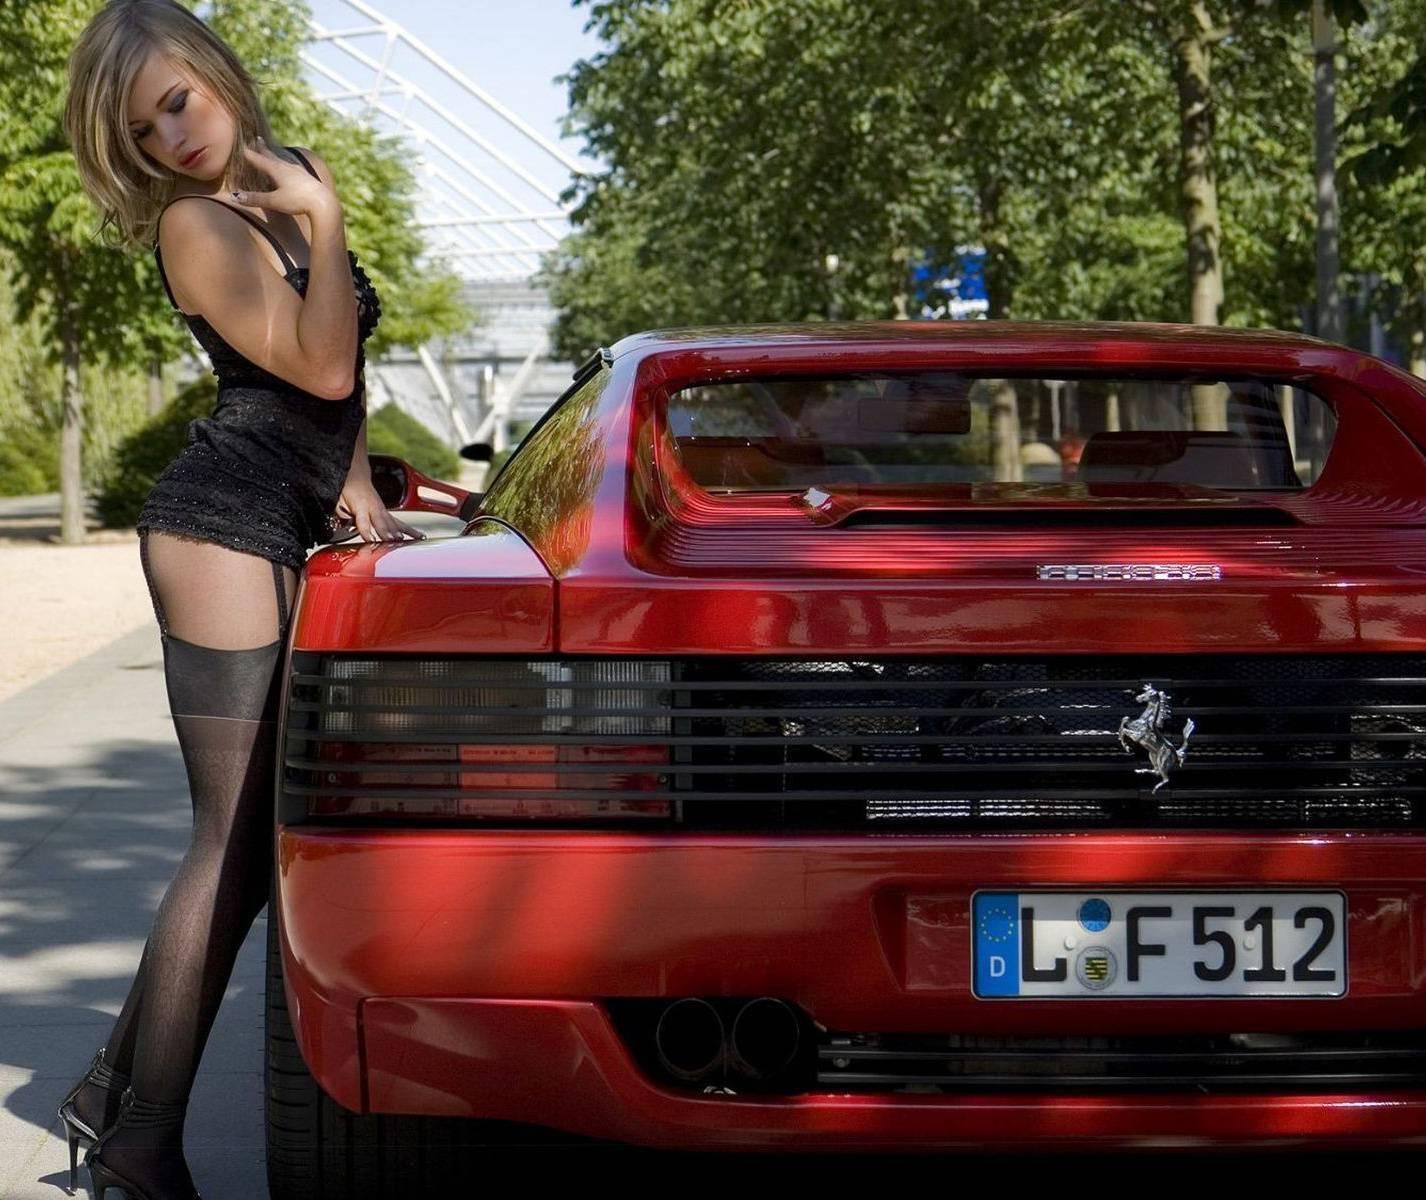 Ferrari I Girl